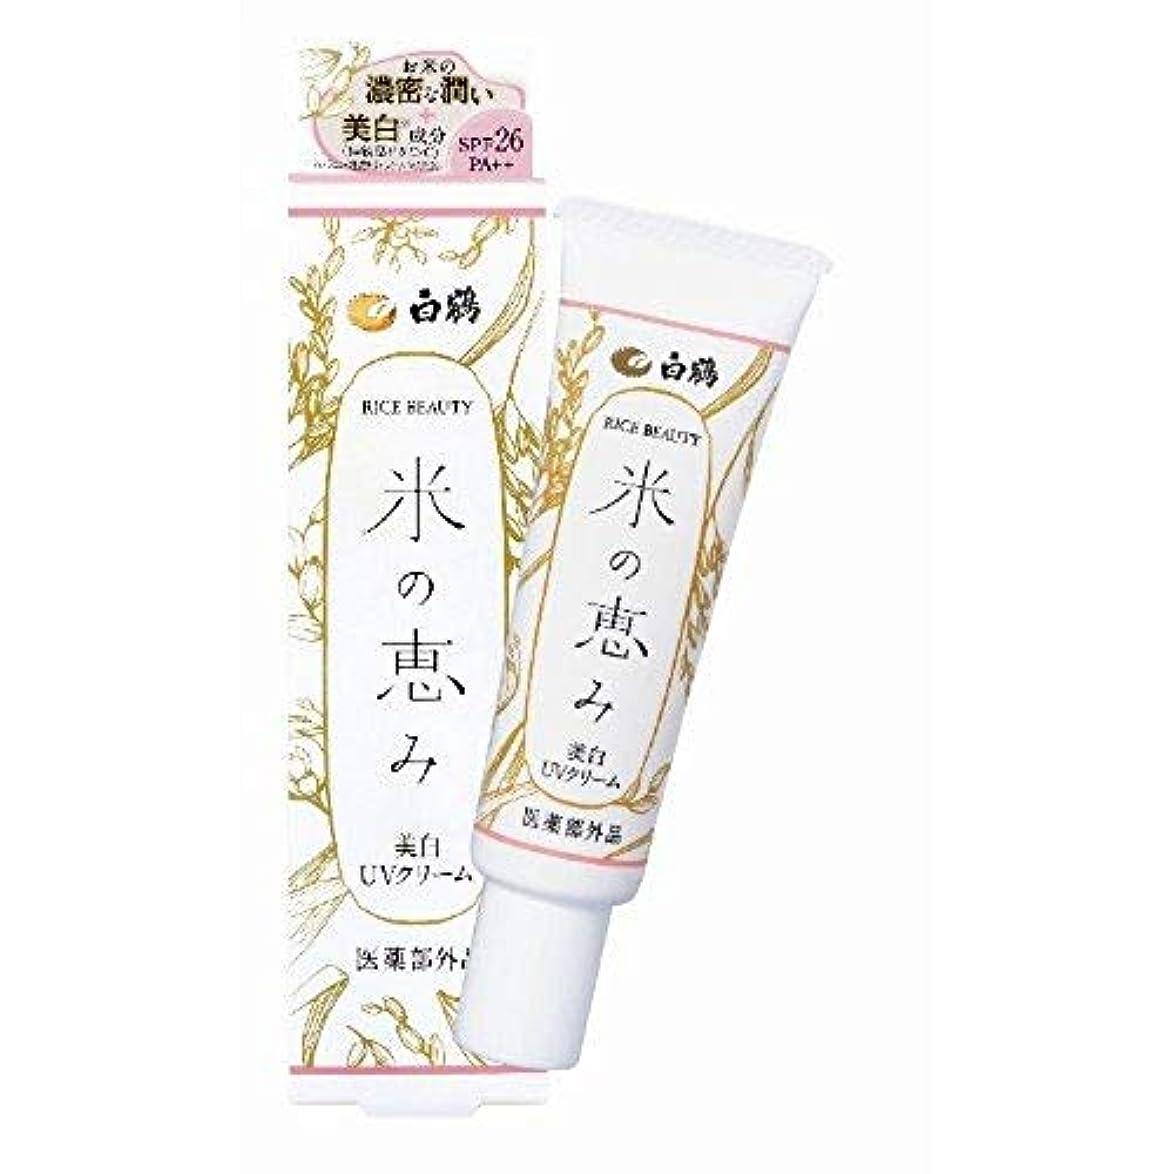 尽きる細い無駄だ白鶴 ライスビューティー 米の恵み 美白UVクリーム 30g SPF26/PA++ (日焼け止め/医薬部外品)